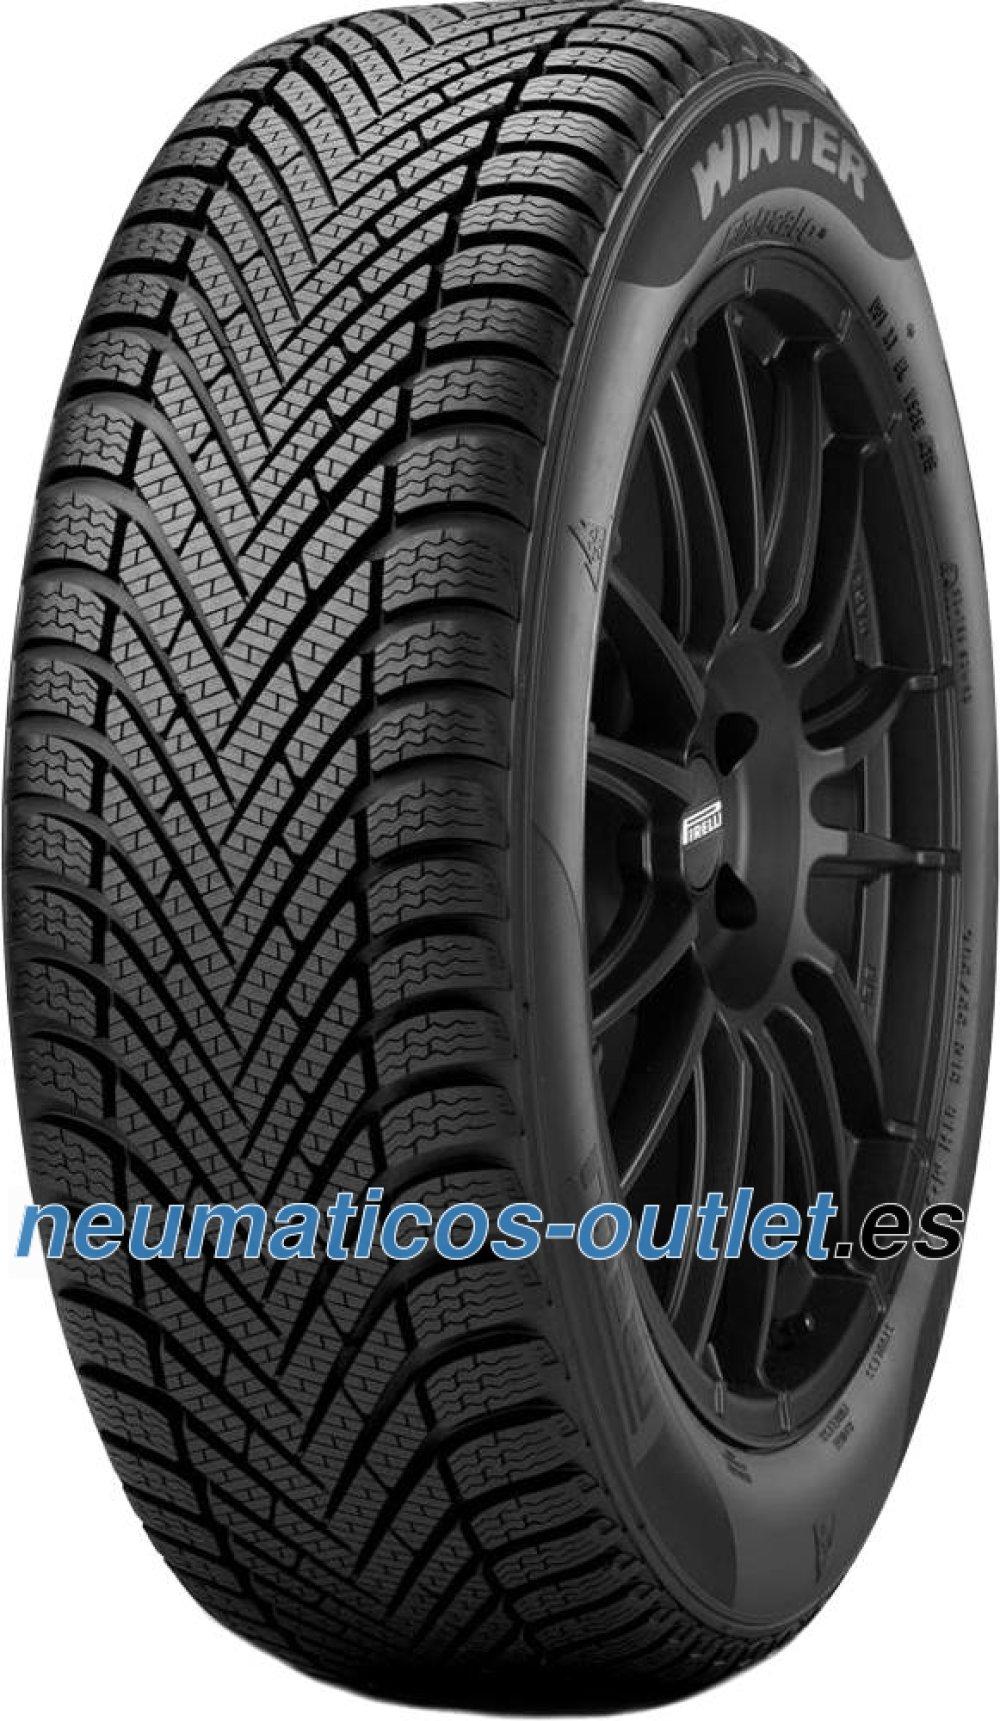 Pirelli Cinturato Winter ( 215/55 R17 98T XL )